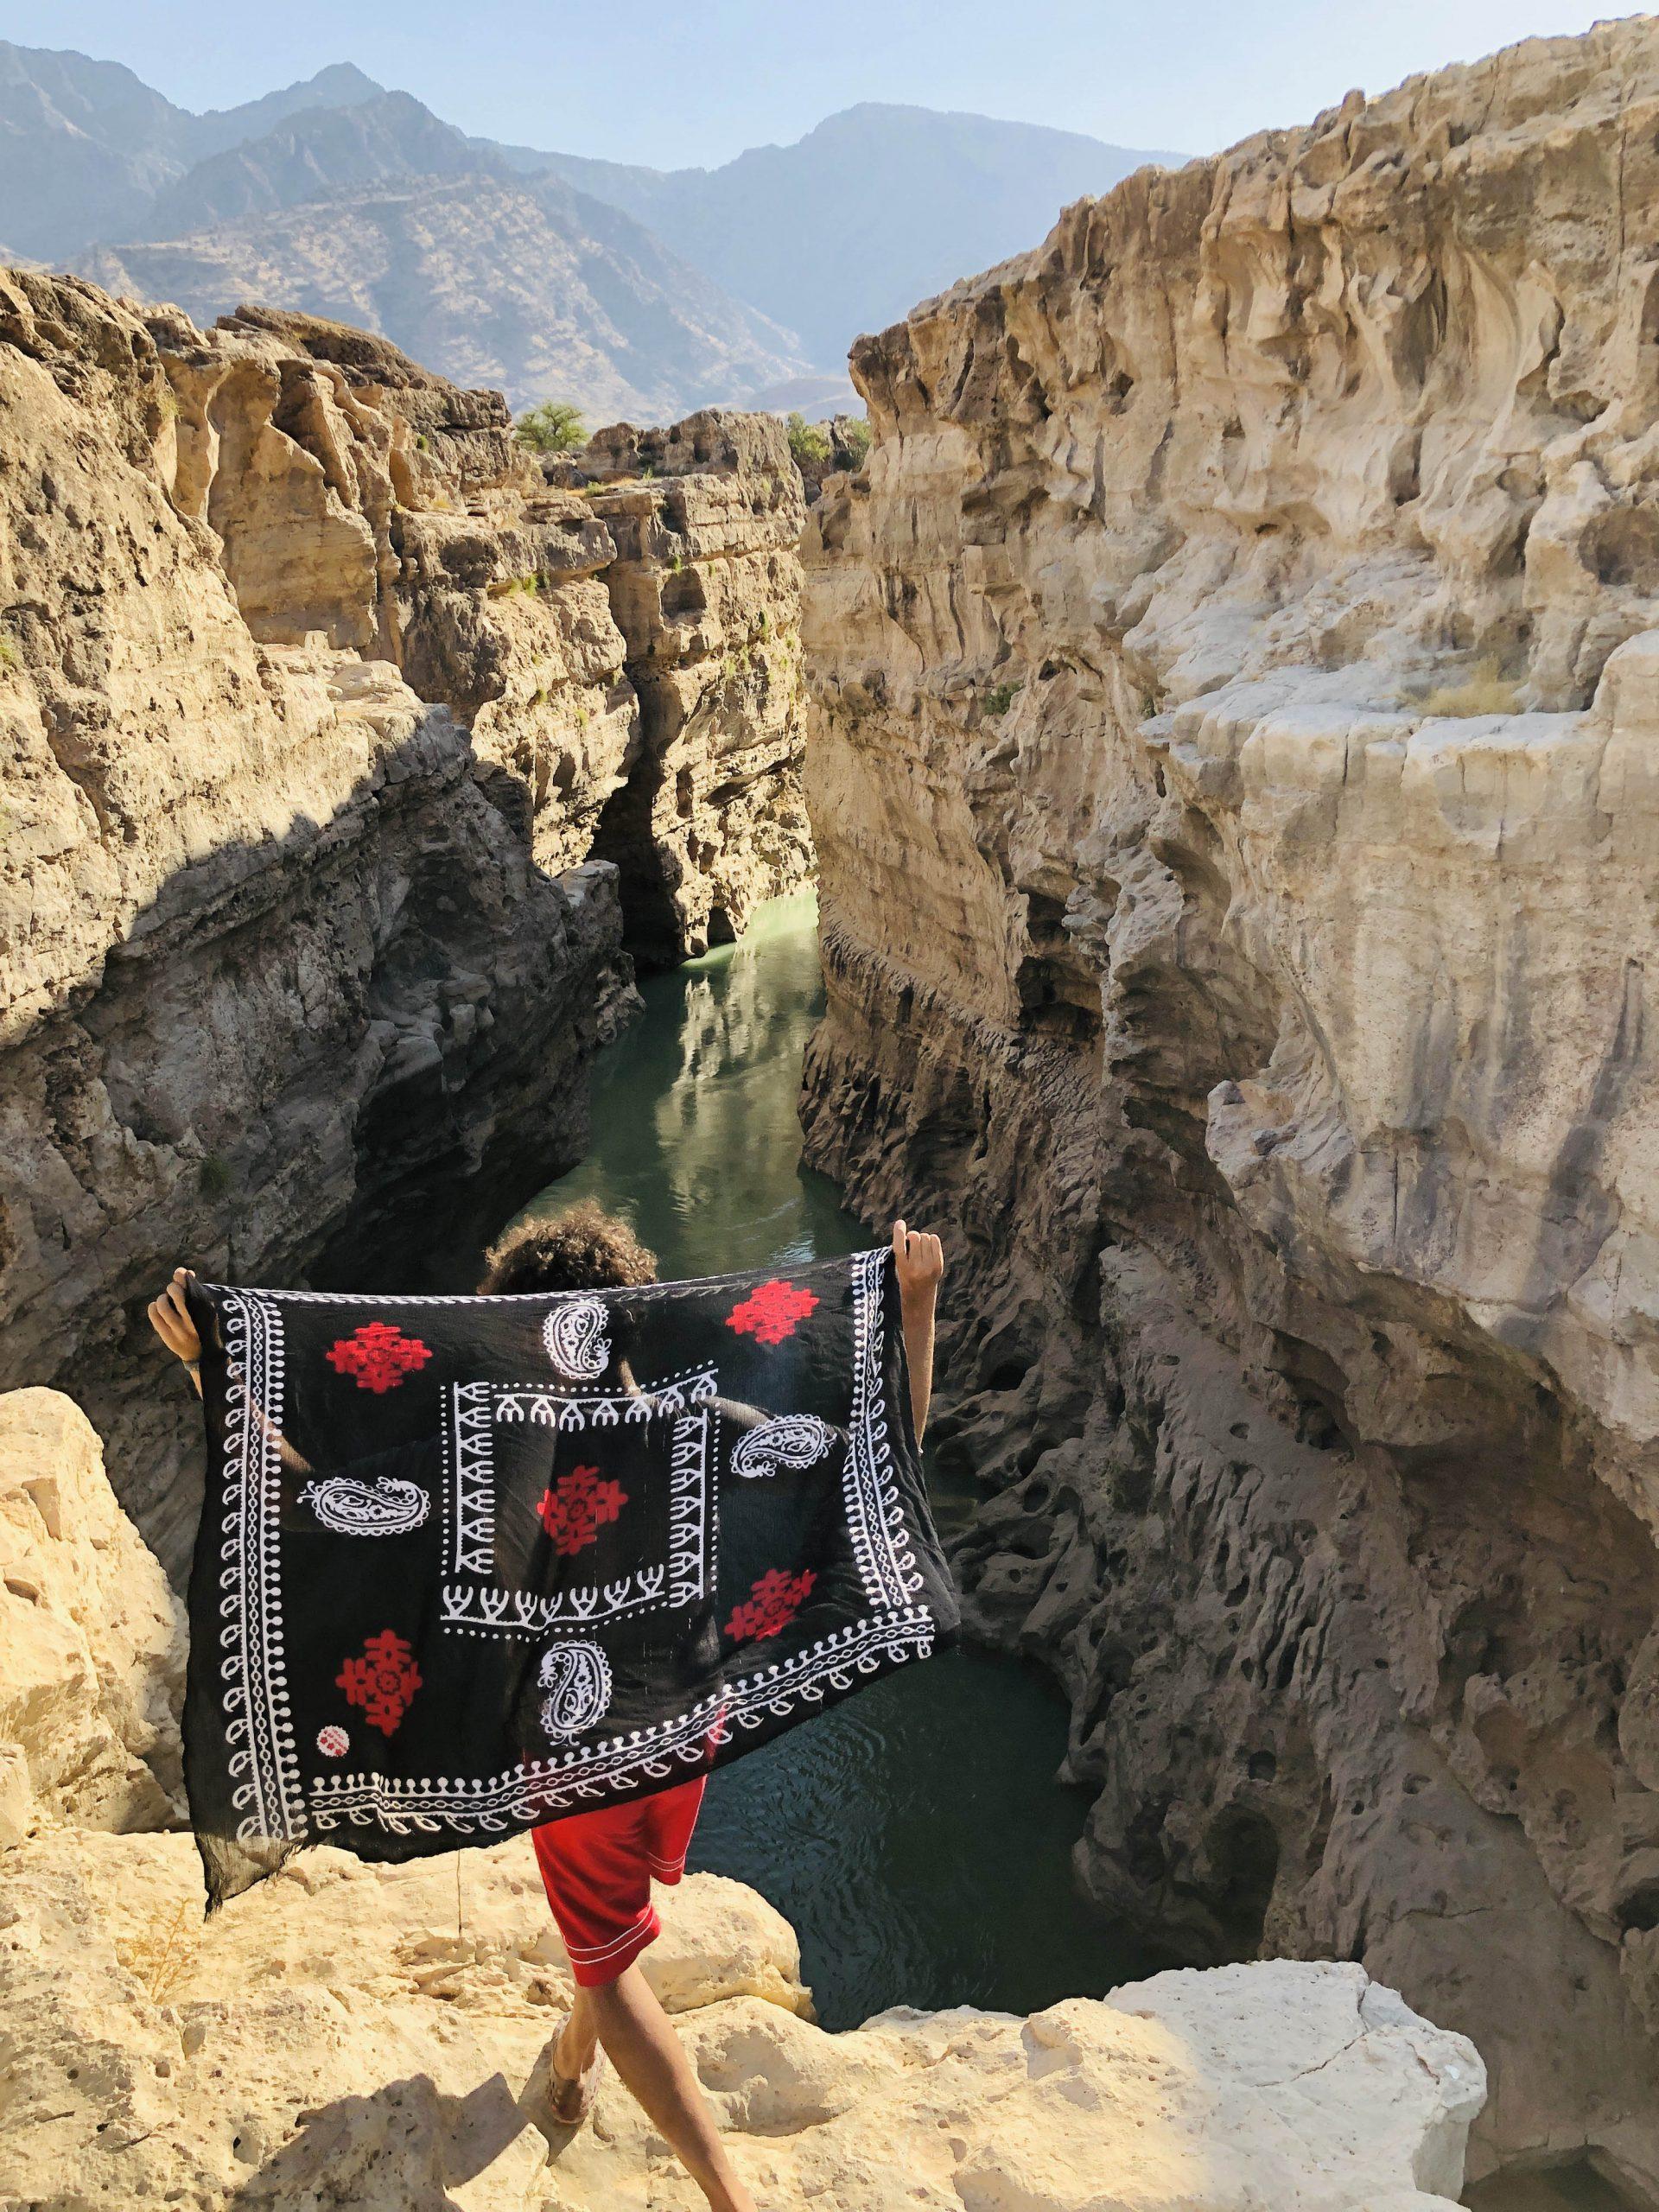 پل تنگ پاعلم - شهرستان پلدختر - رودخانه سیمره